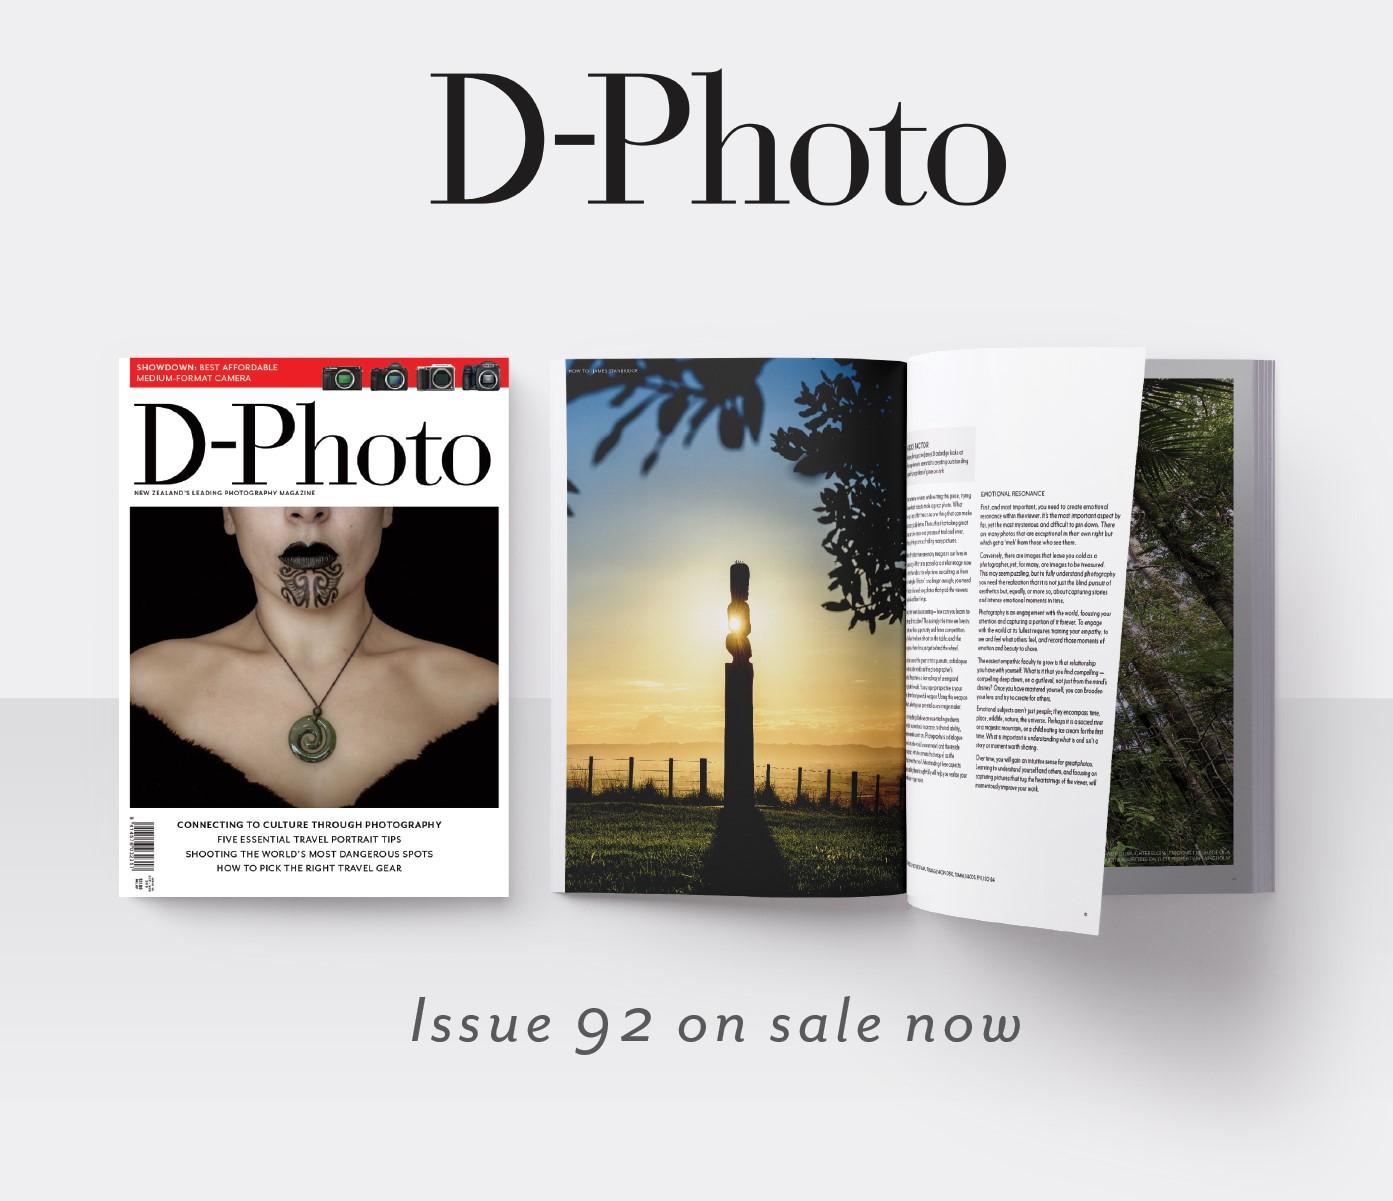 DP-92 2019-09-12 142504.jpg